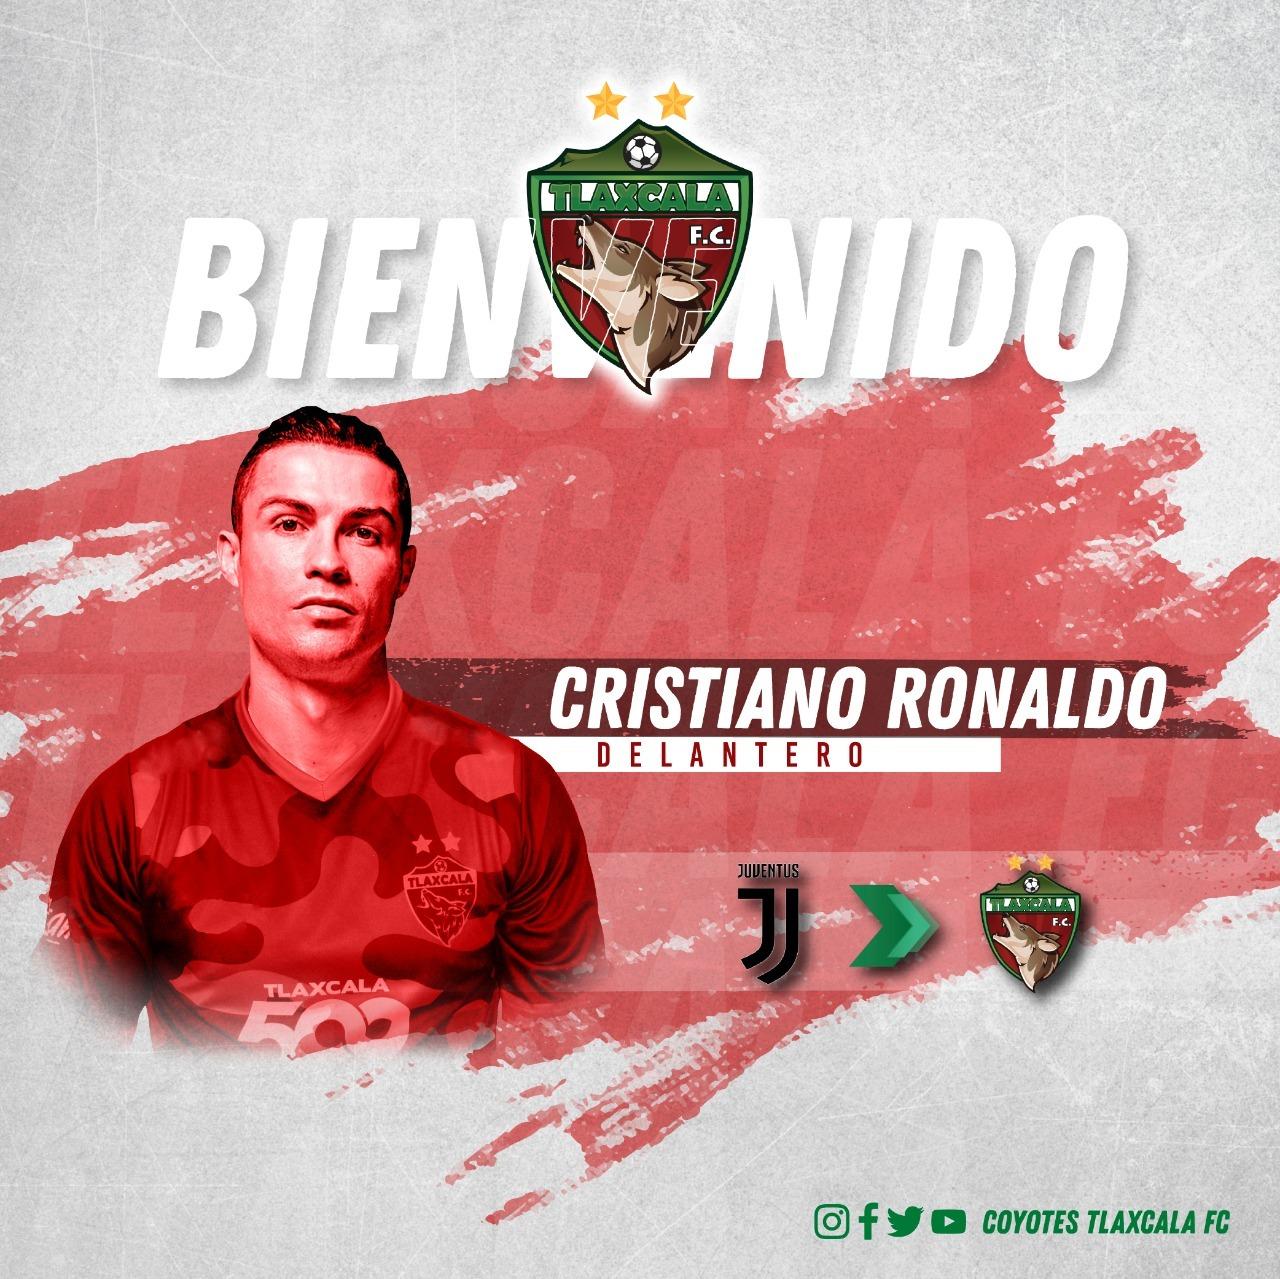 El Club Coyotes de Tlaxcala le propone a Cristiano Ronaldo fichar por...